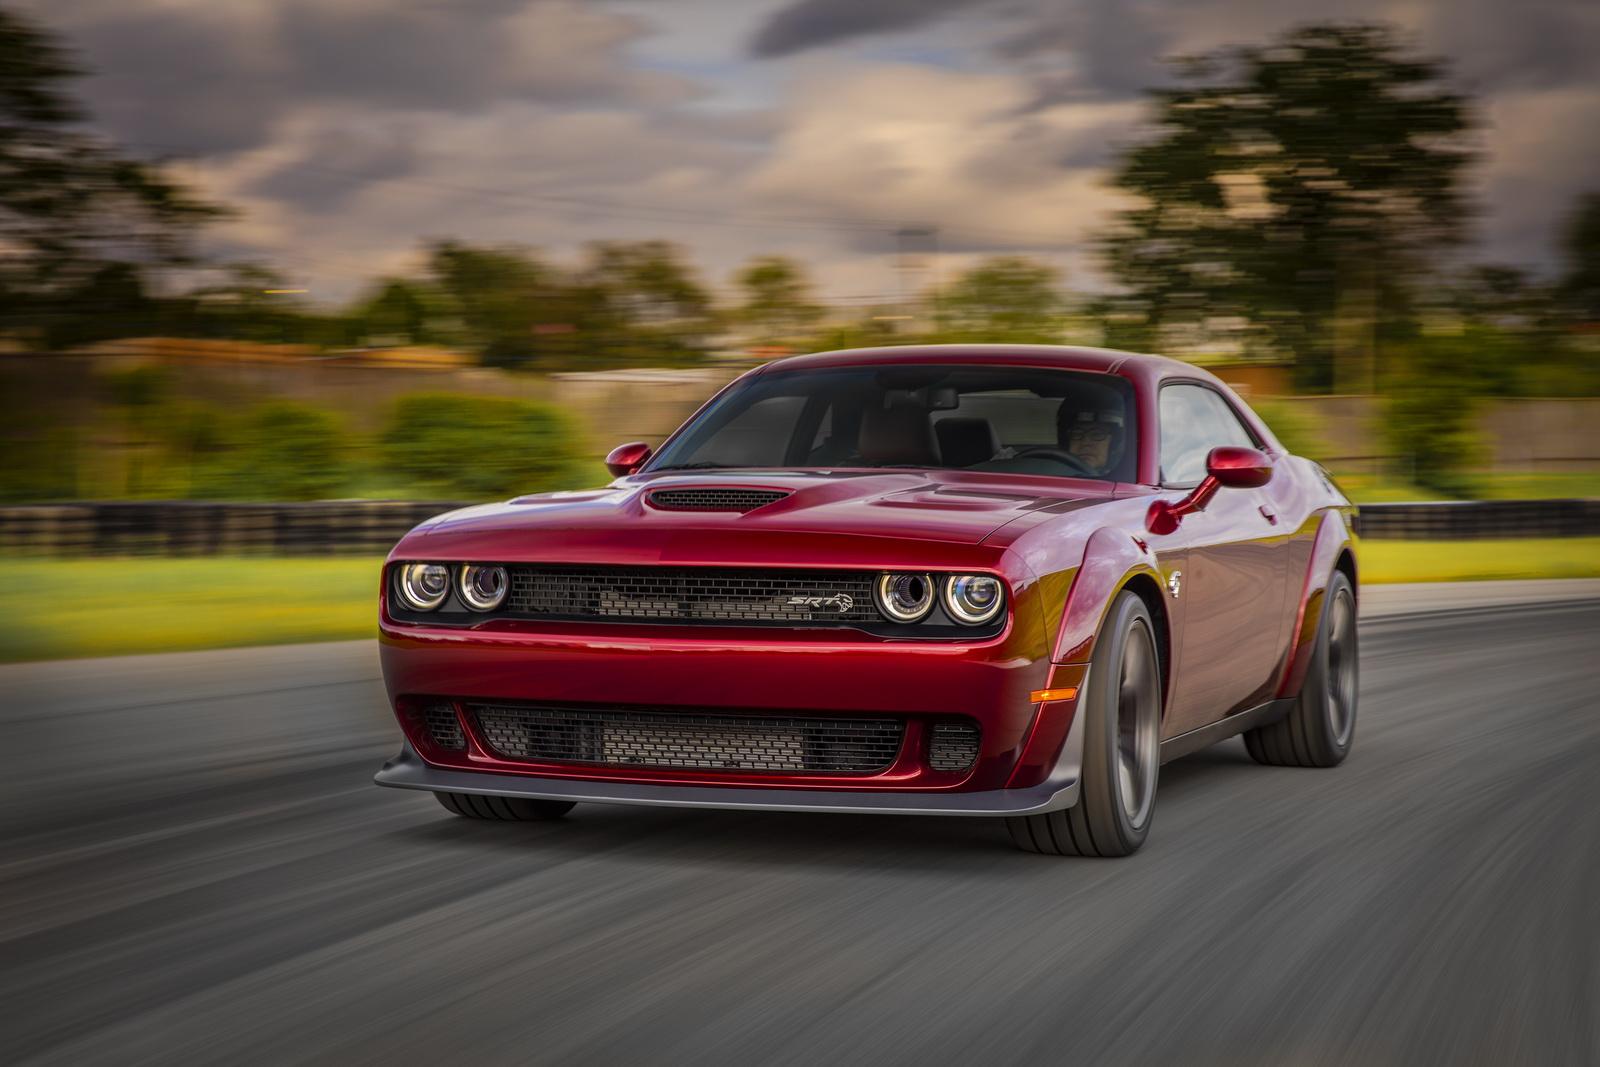 Dodge Reveals 2018 Challenger Srt Hellcat Widebody With Demon Inspired Look